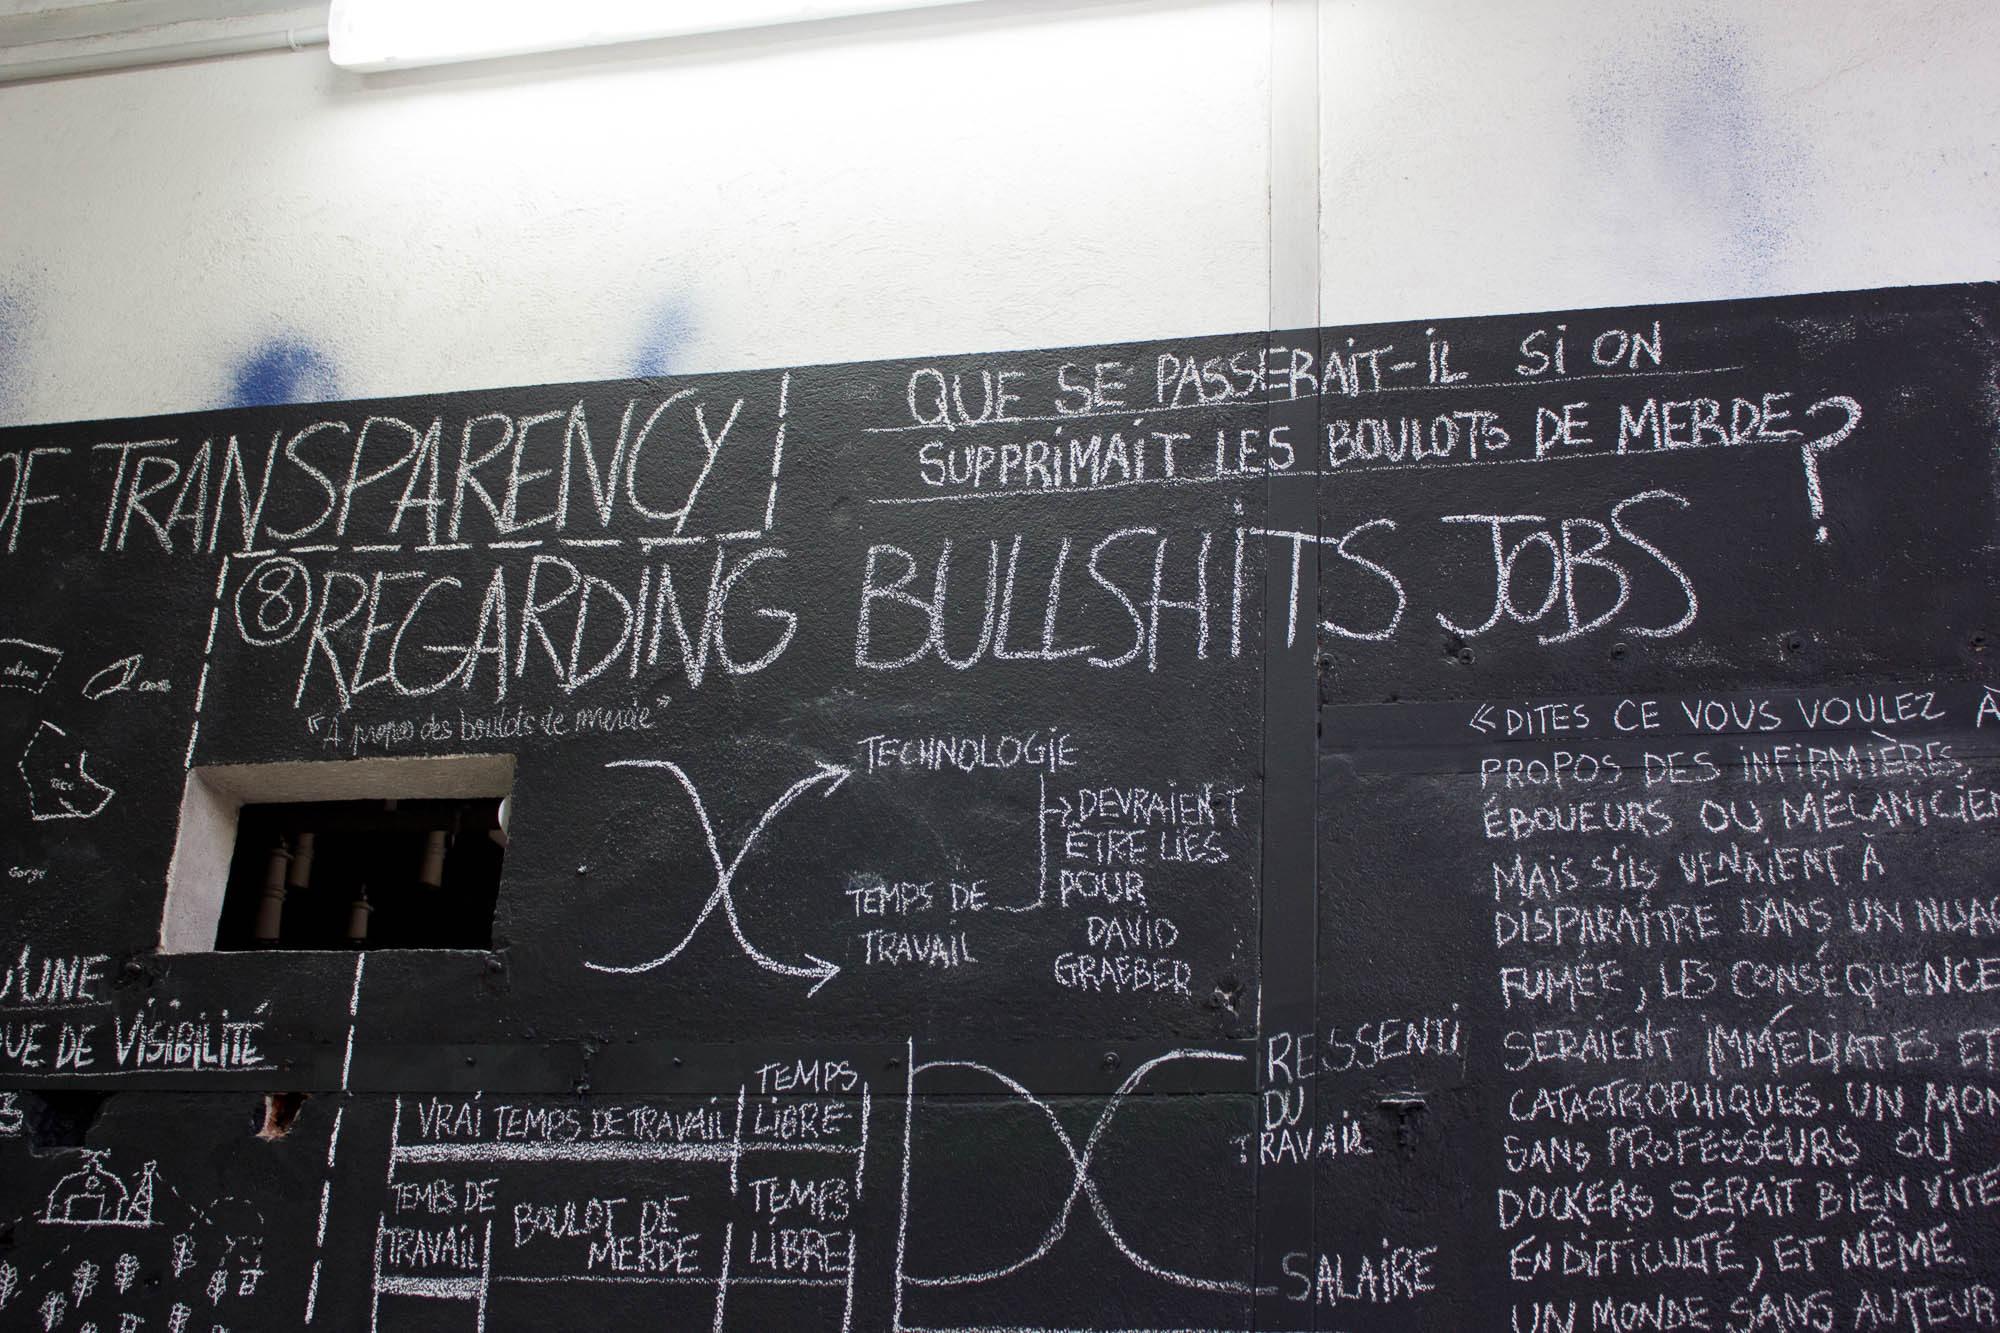 Le travail doit changer, mais comment ? #biennaledesign17